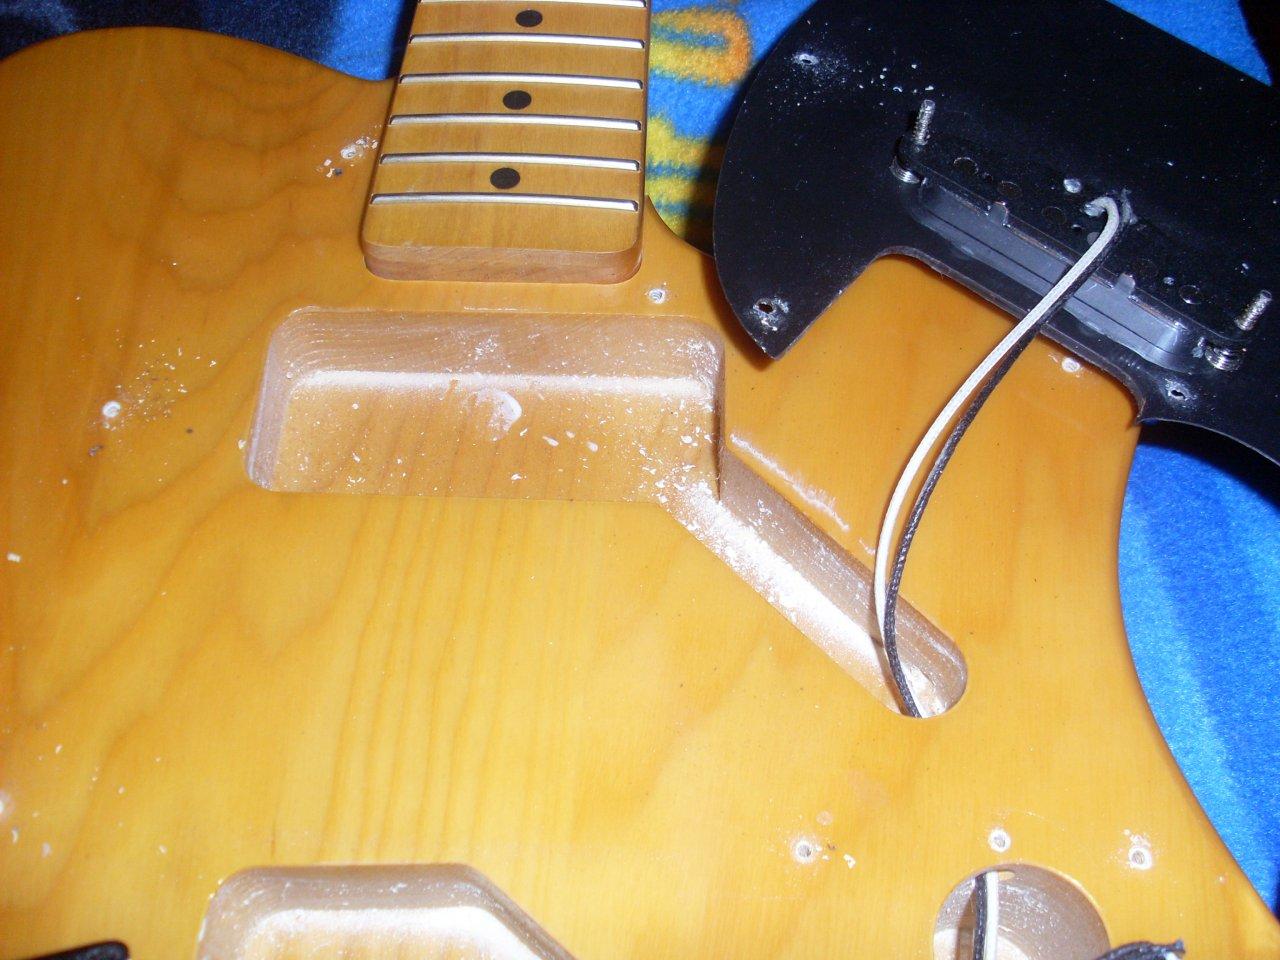 Gitarre] Harley Benton TE-52 NA Vintage Series   Musiker-Board